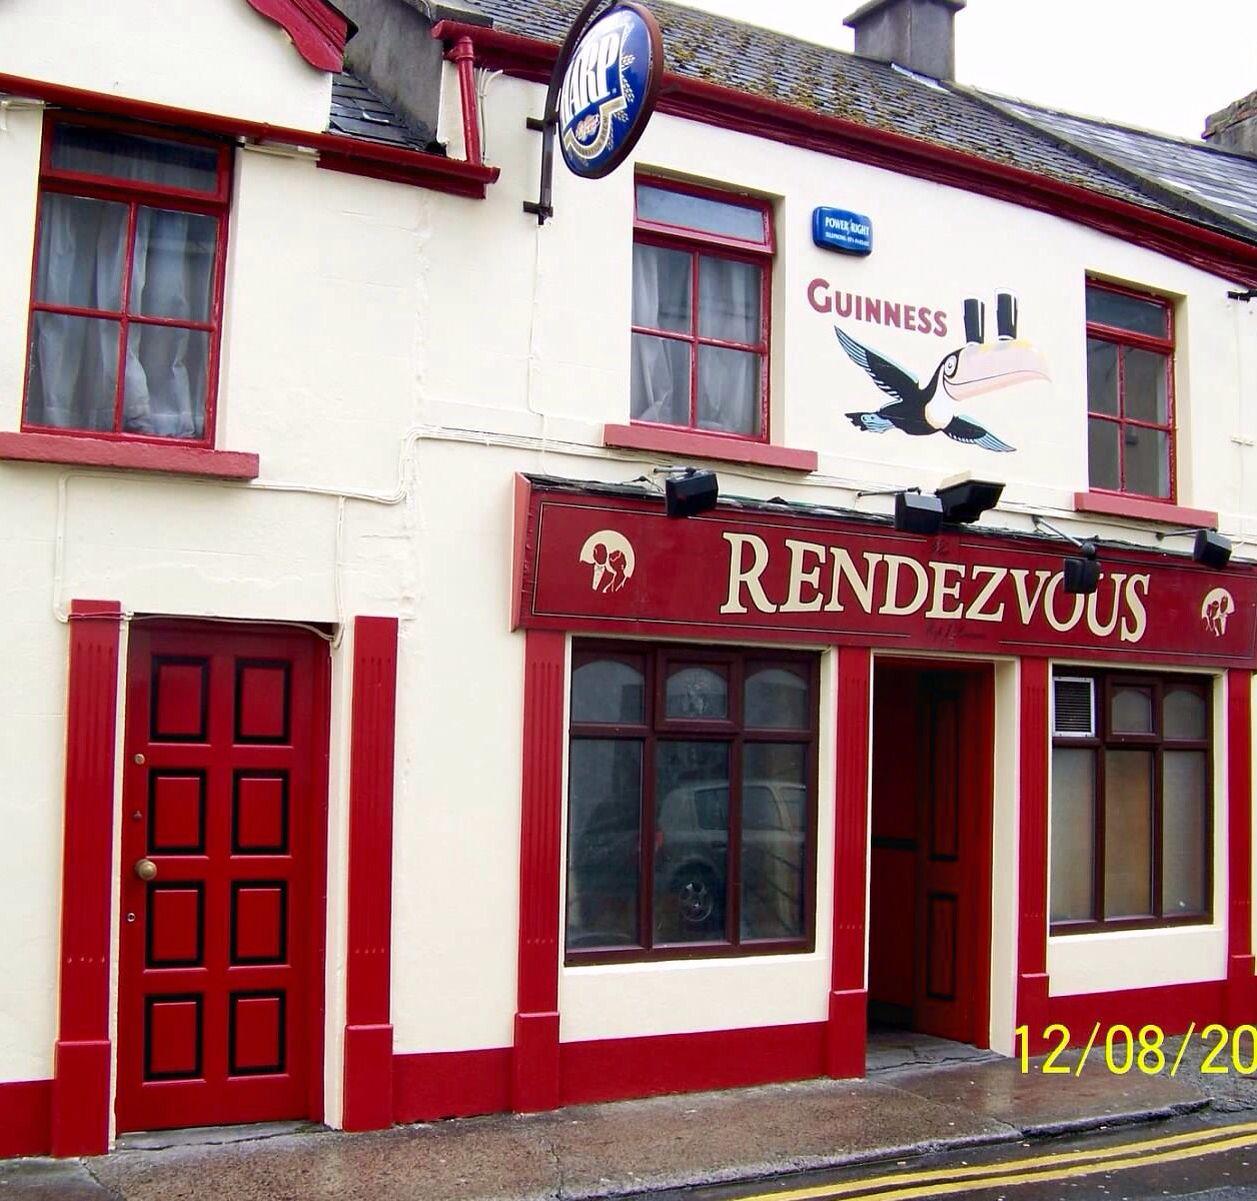 Rendezvous Pub in Sligo, Ireland